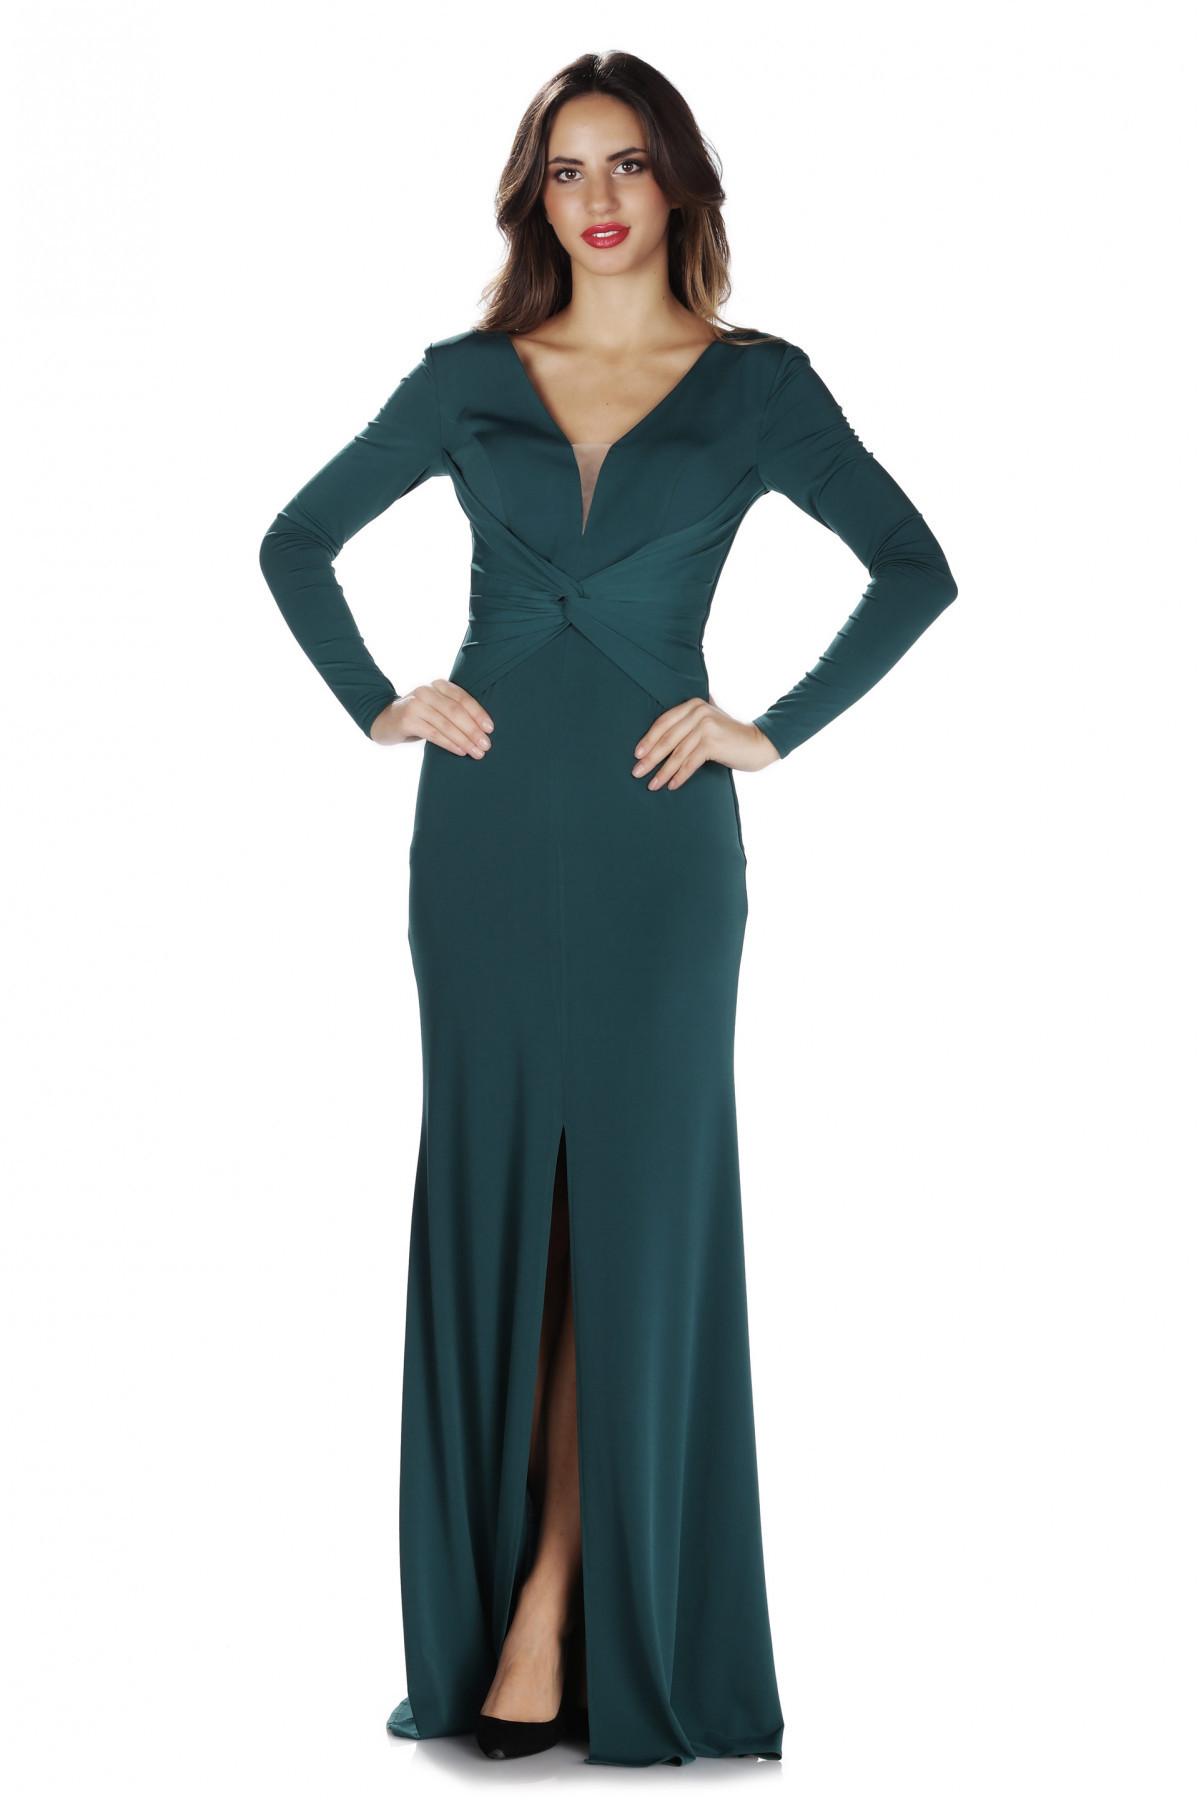 93a8a4296cc7b Pierre Cardin Kadın Yeşil İthal Krep Uzun Kollu Abiye Elbise PC55280 ...